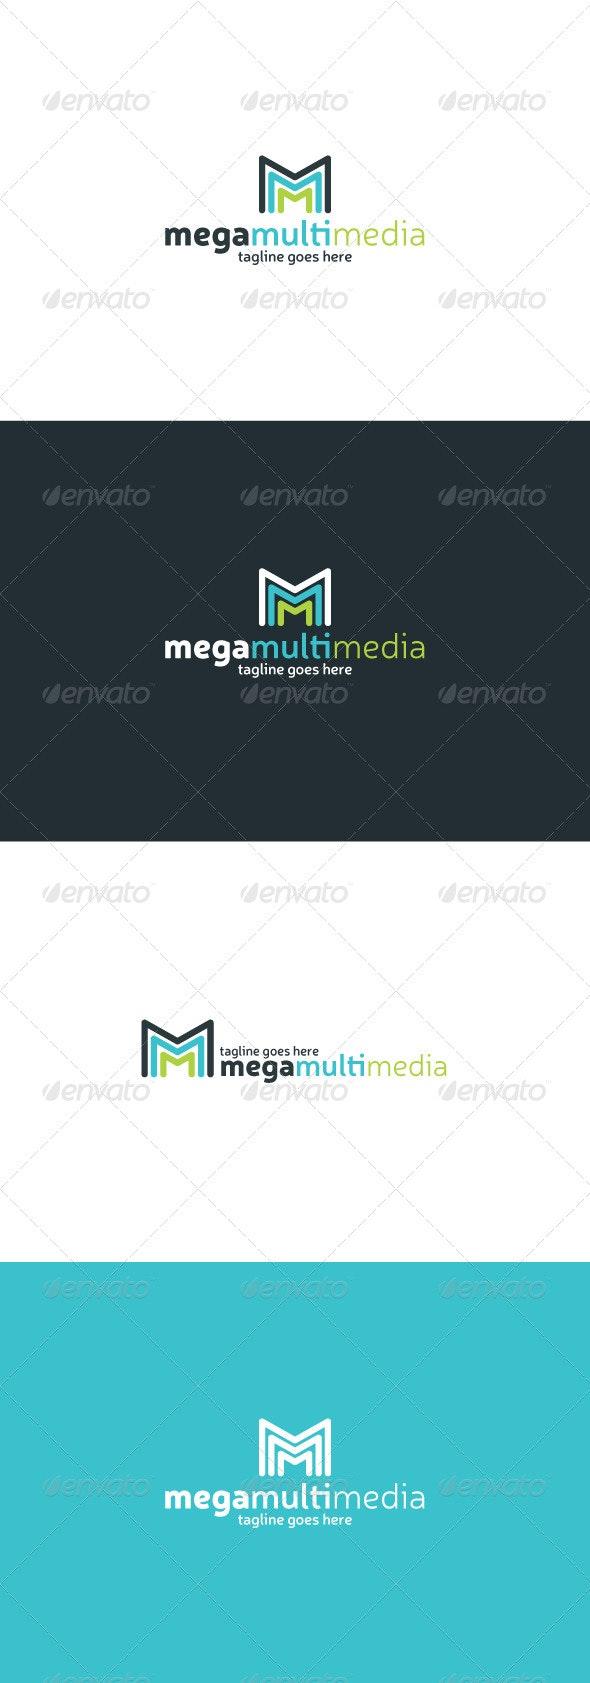 Mega Multi Media Logo — Letter M - Letters Logo Templates